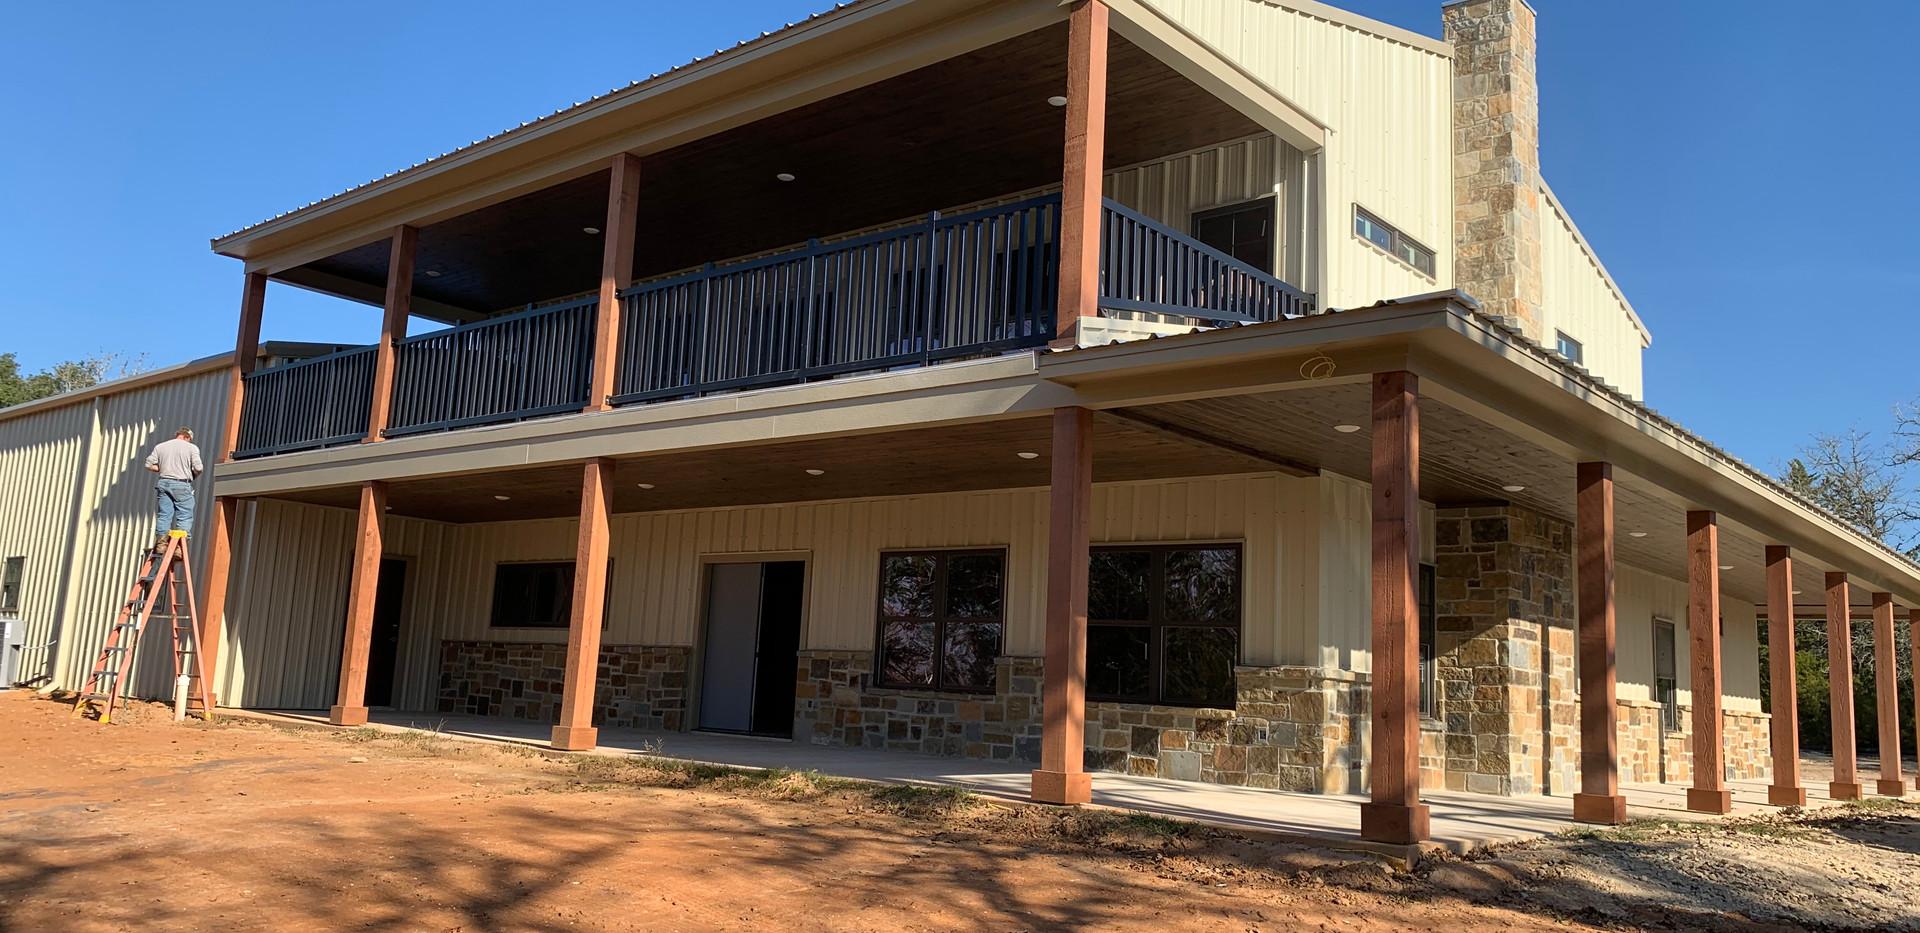 Barndo - living quarters